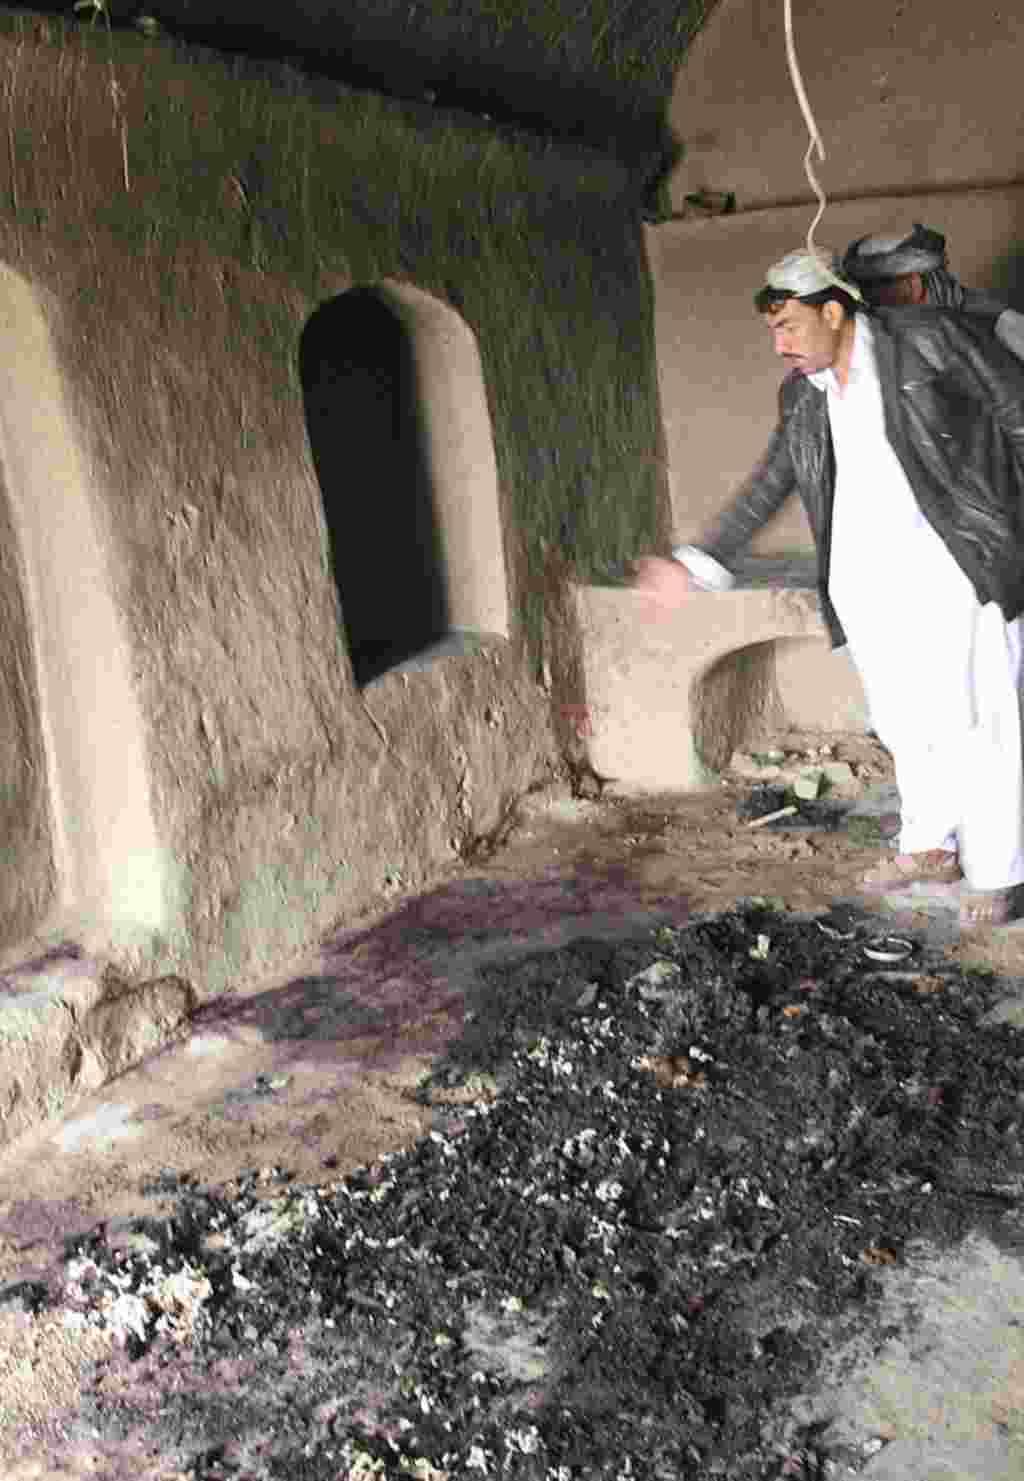 Un hombre señala las manchas de sangre en sitio donde testigos indican ocurrió la tragedia a manos de un soldado estadounidense, Panjwai.